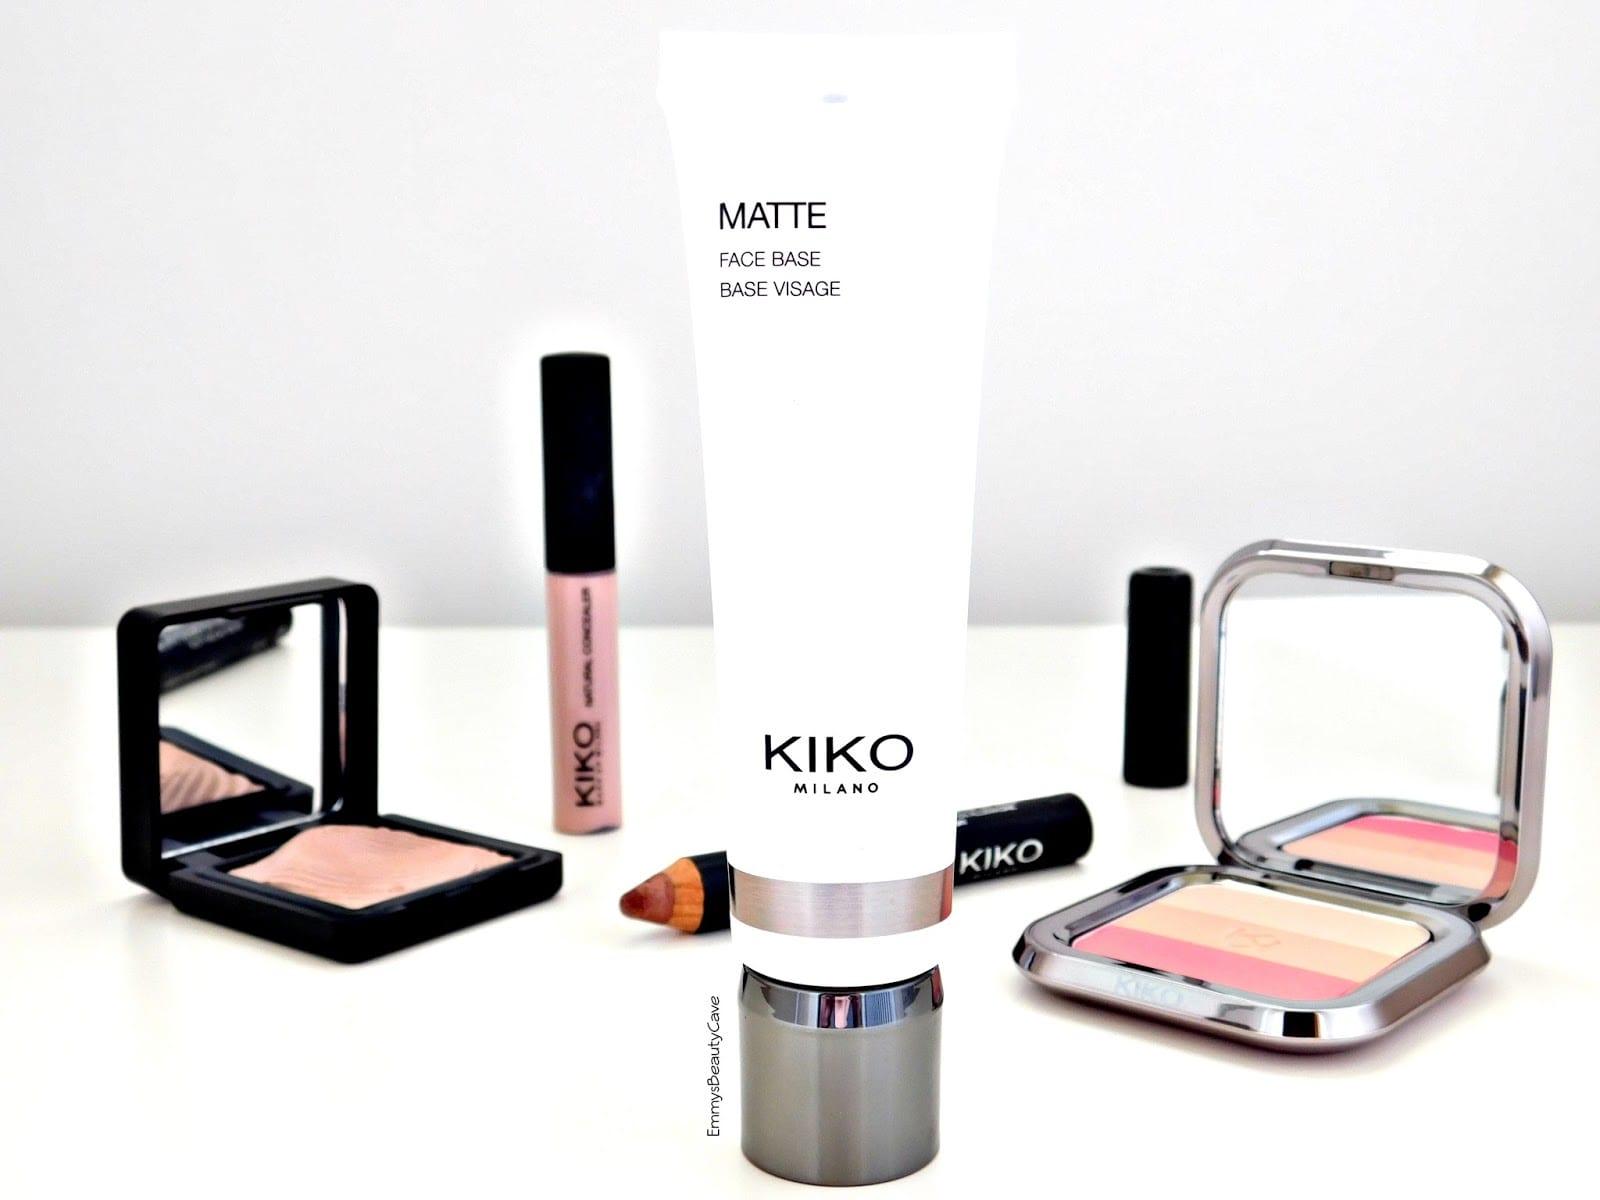 kiko-matte-face-base